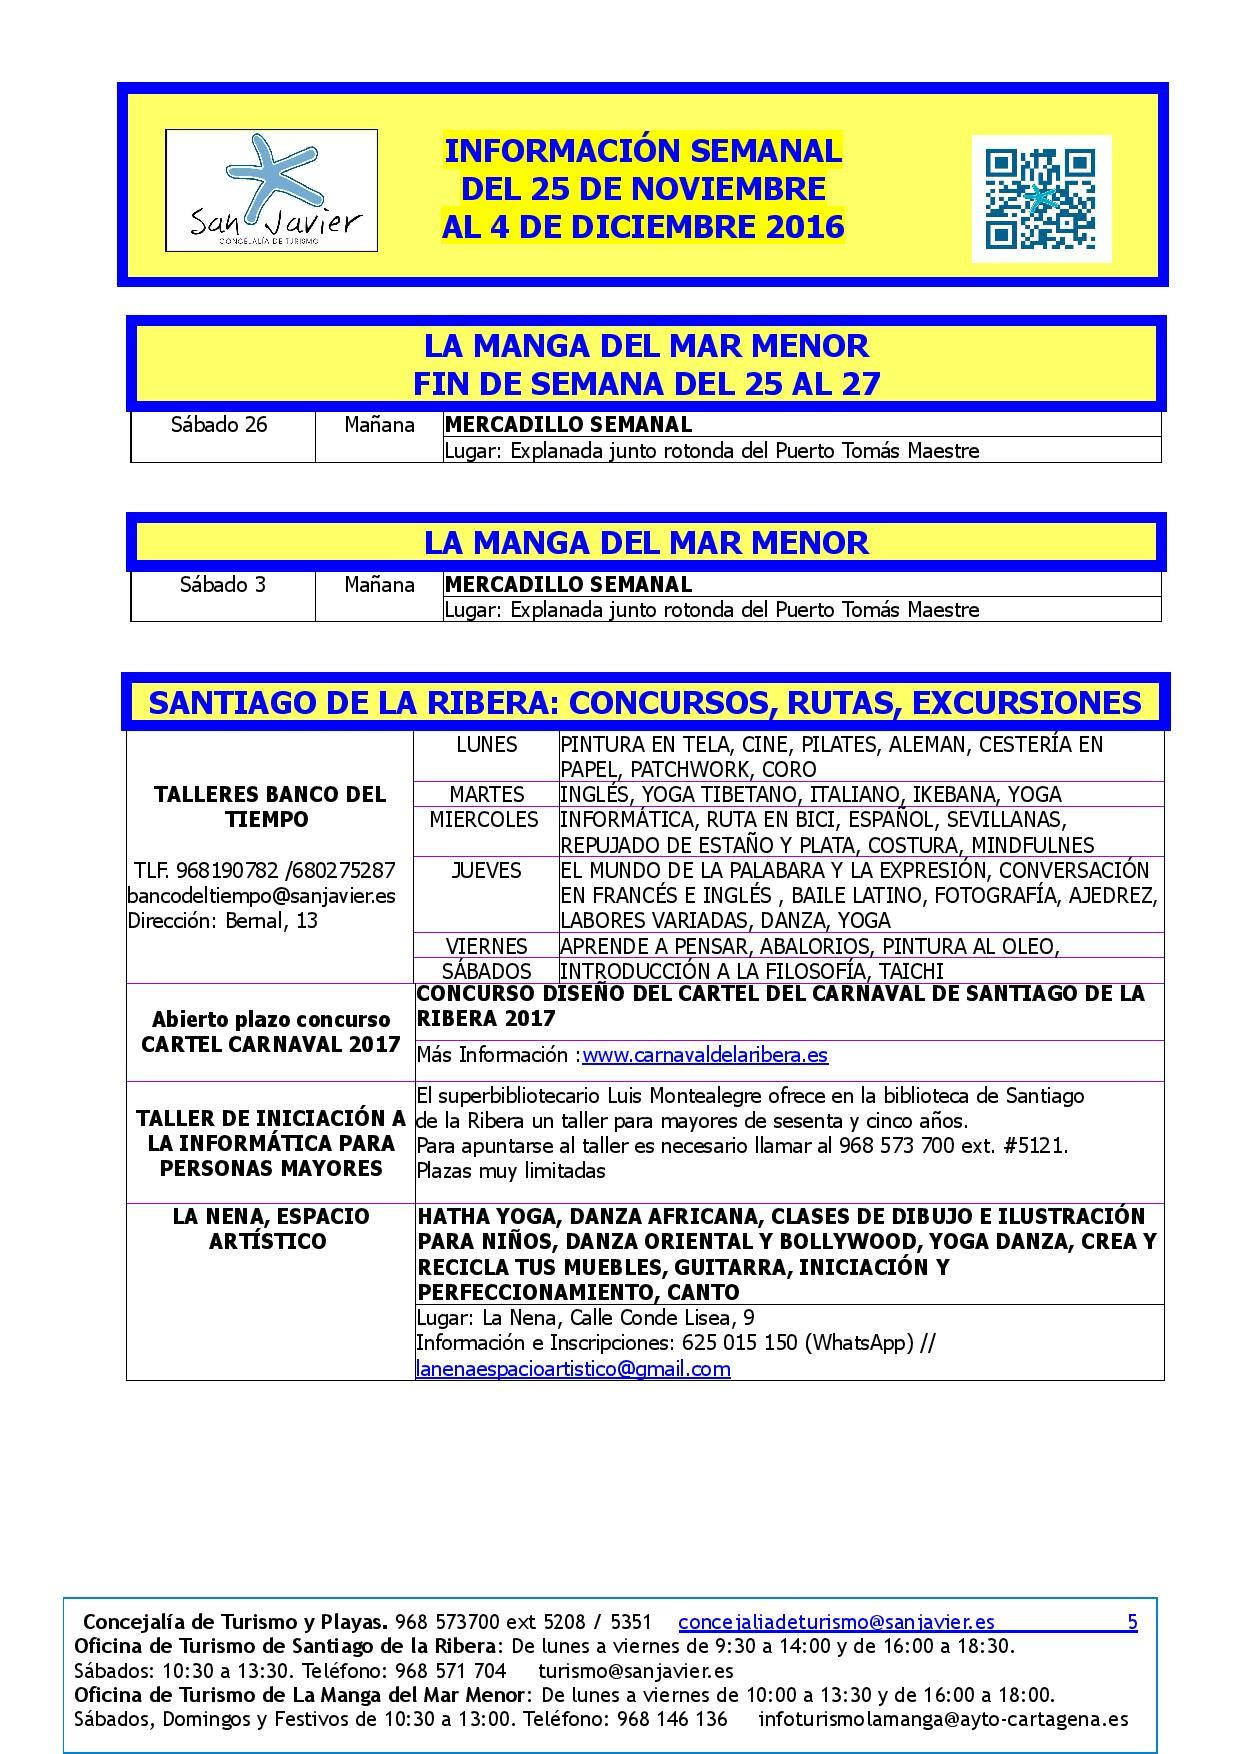 del-25-de-nov-al-4-de-dic-page-005